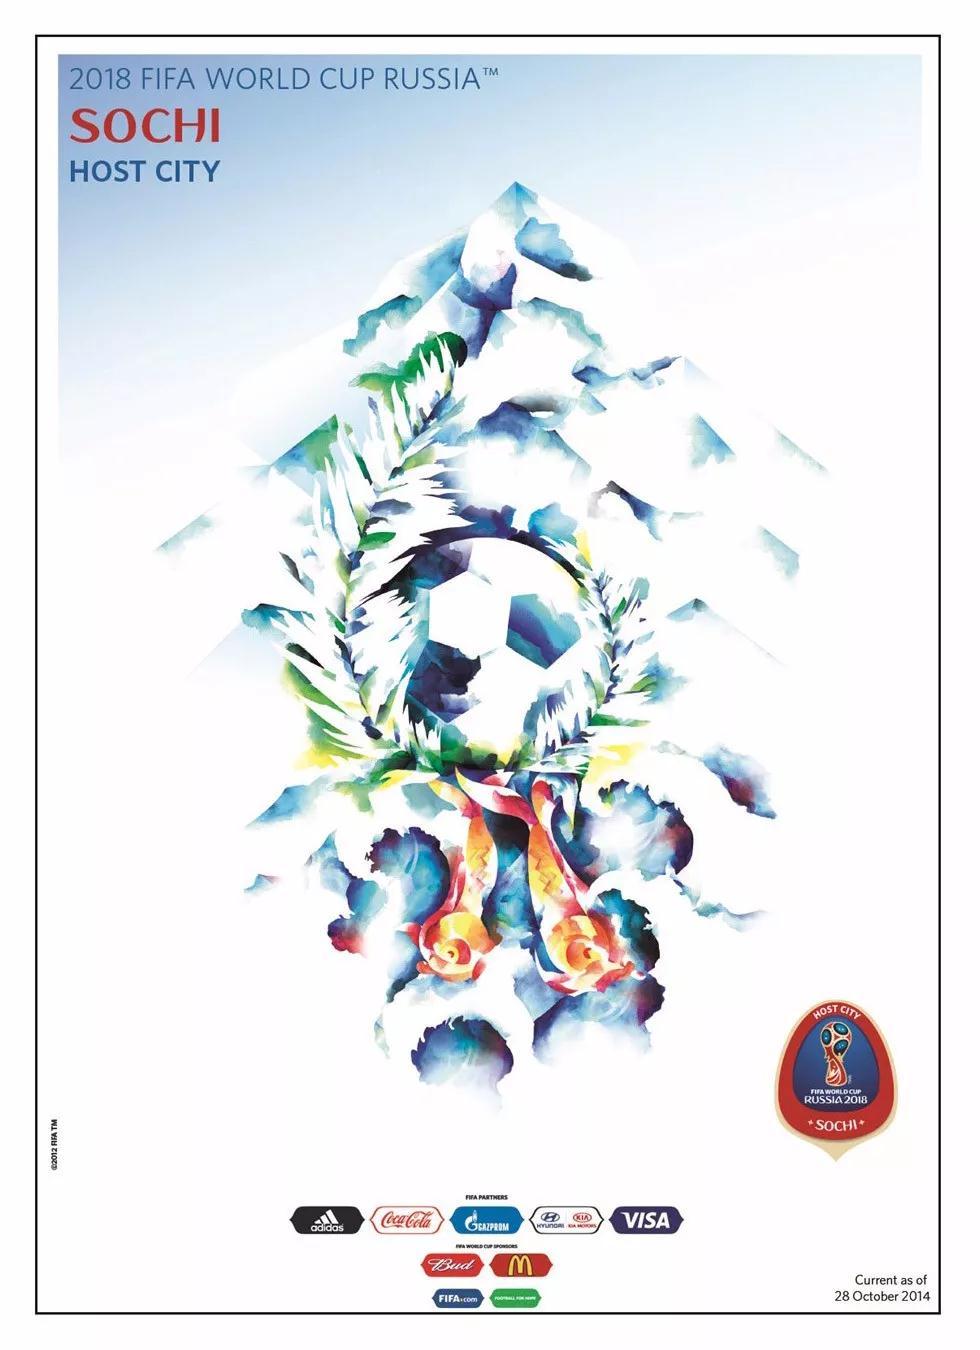 海报以主办城市的特征来设计,比如圣彼得堡(Saint Petersburg),表现的是圣彼得堡独特的城市建筑,喀山(Kazan)以国家象征雪豹为元素,萨兰斯克(Saransk)描绘则是来自莫尔多维亚神话的创造之鸟。